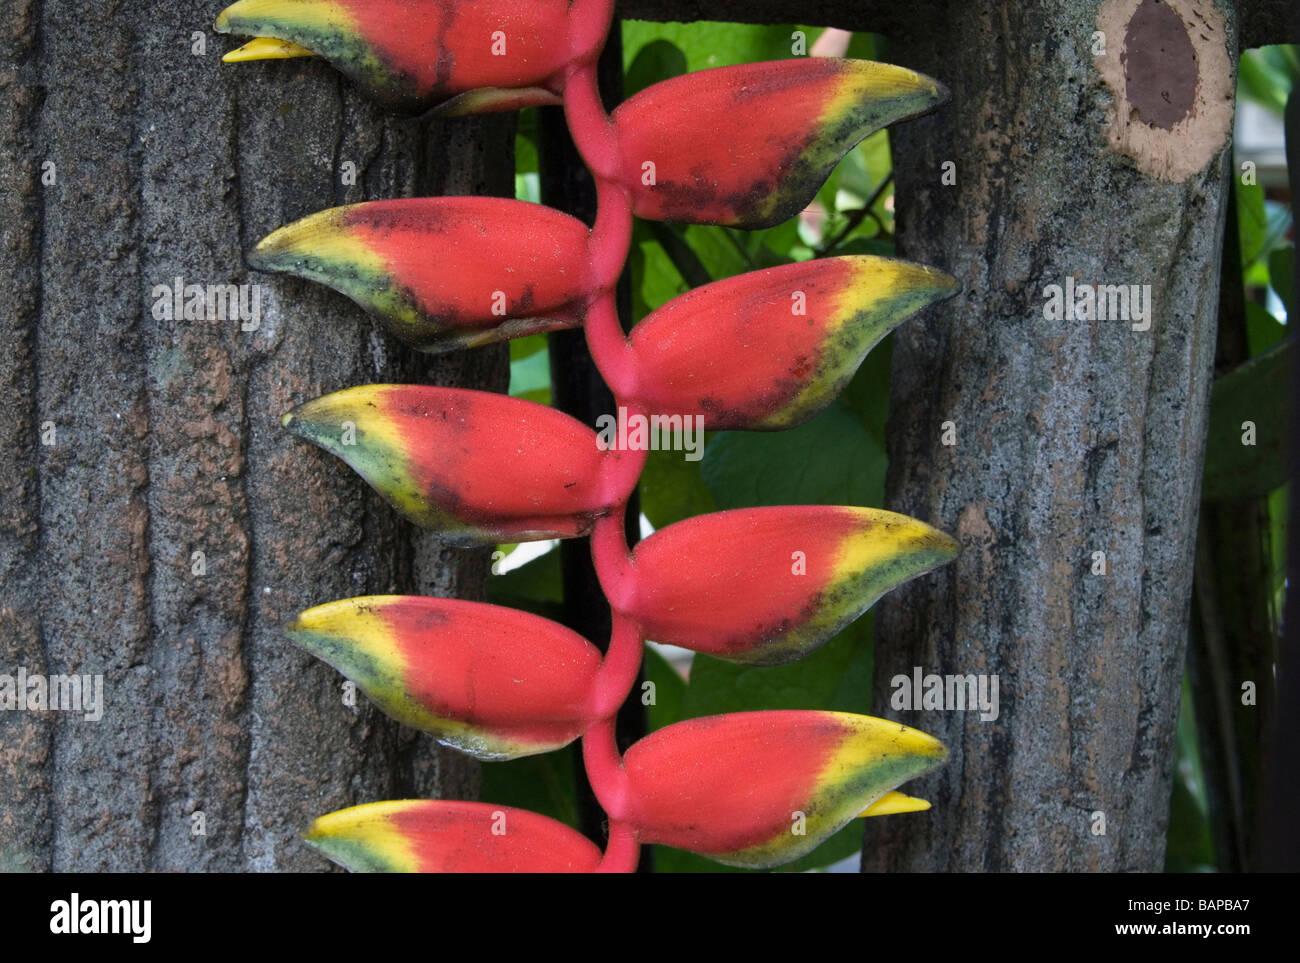 Heliconia pendula plant - Stock Image